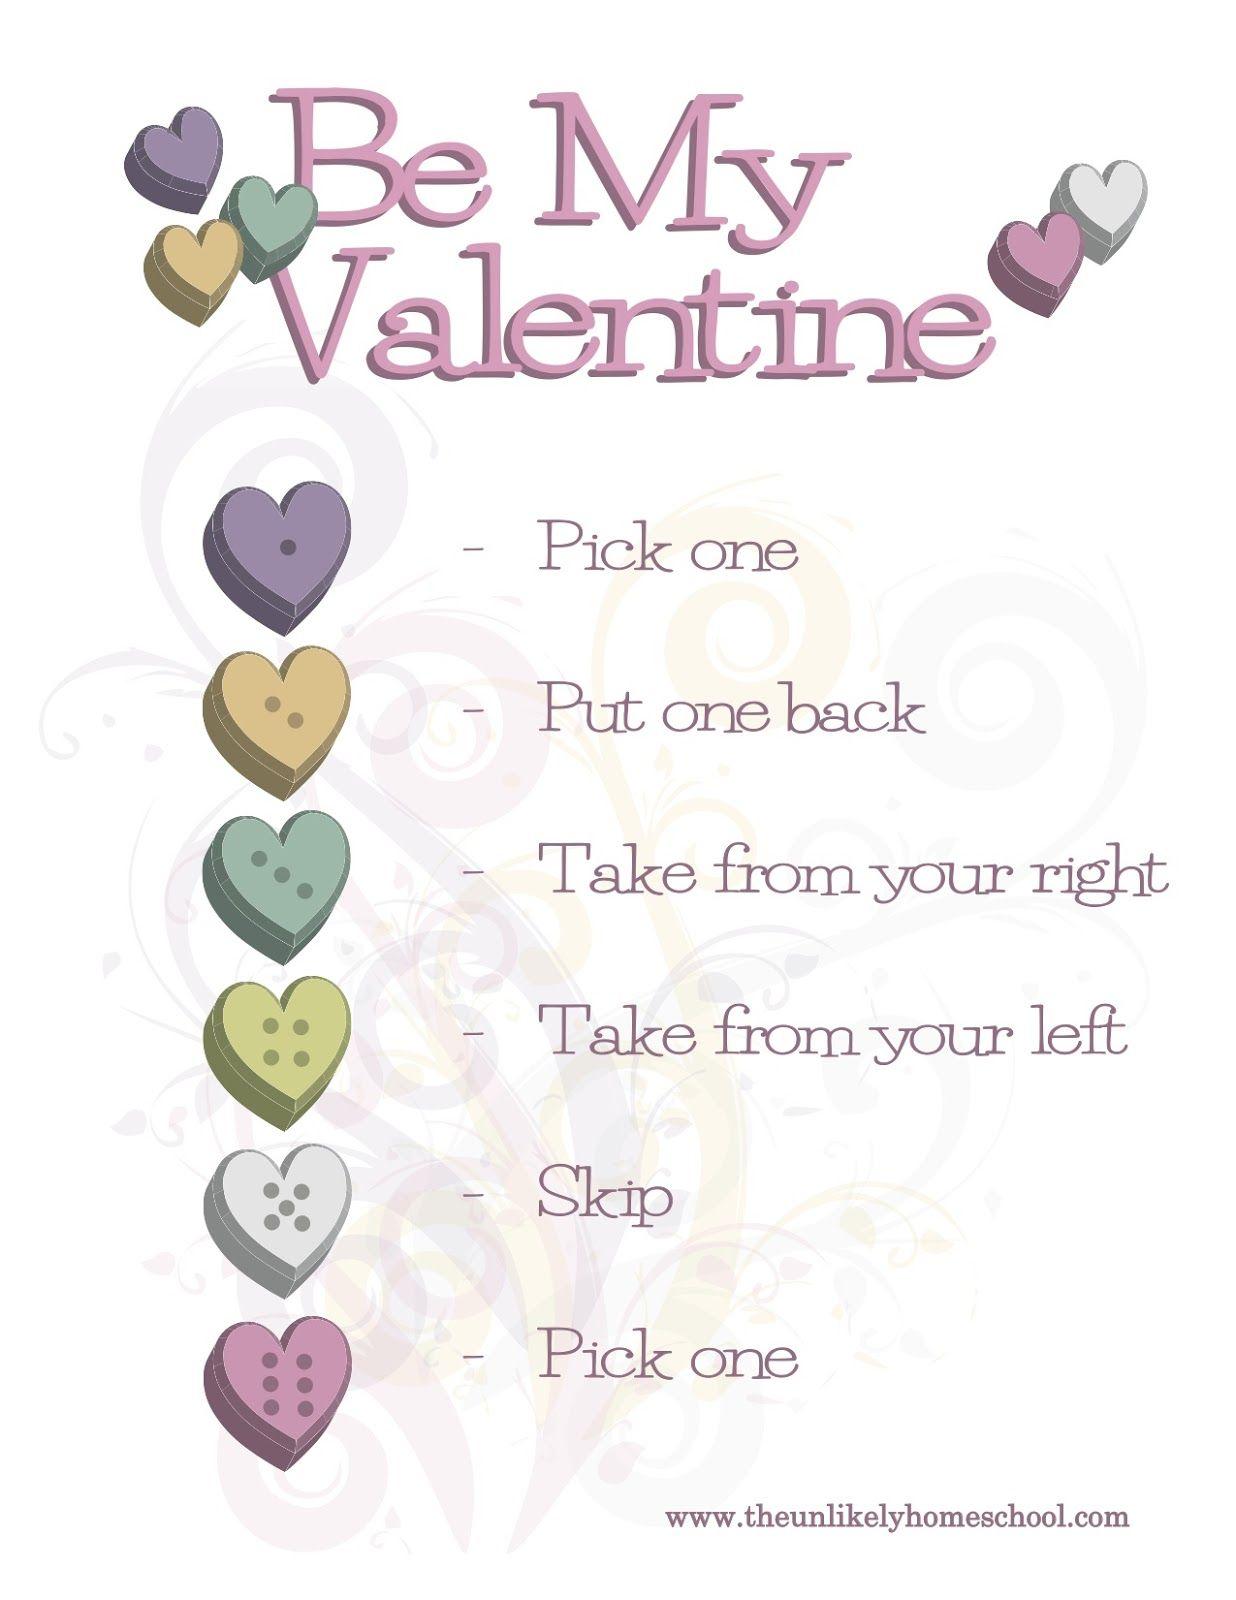 Be My Valentine Game Printable Valentines School Valentines Games Kindergarten Valentine Party